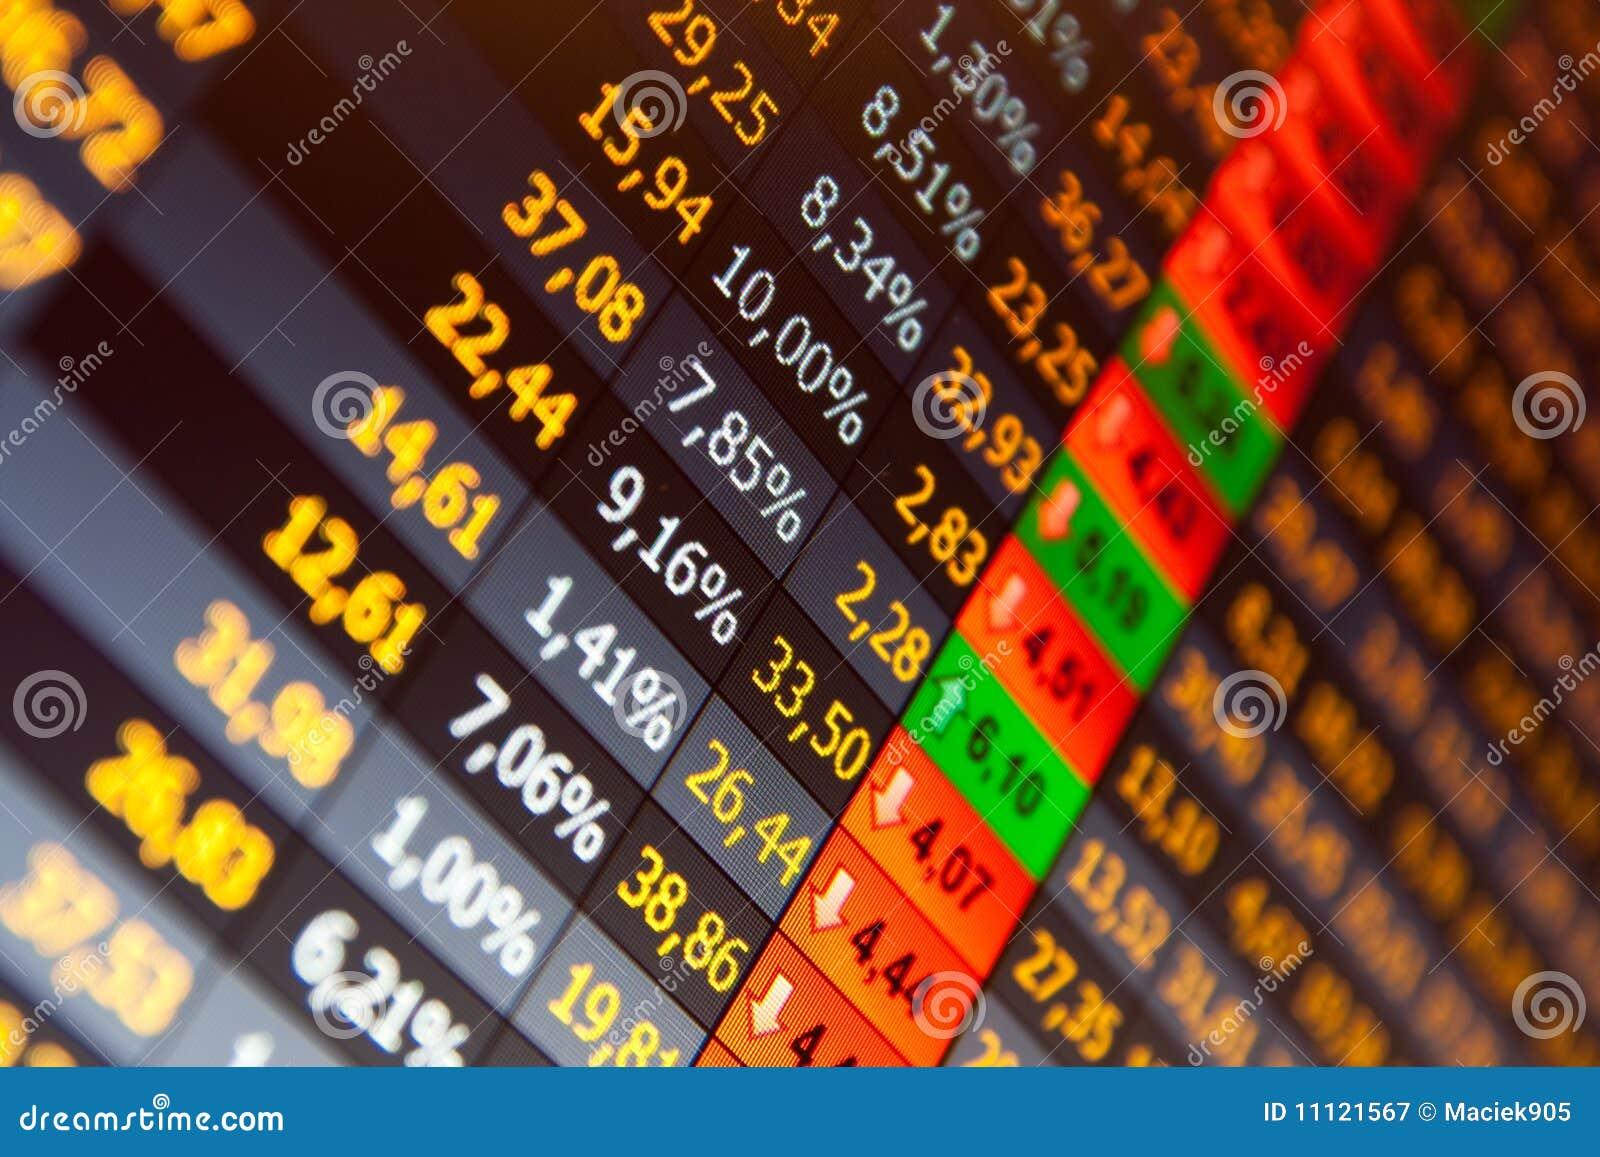 Borsa valori di dati finanziari